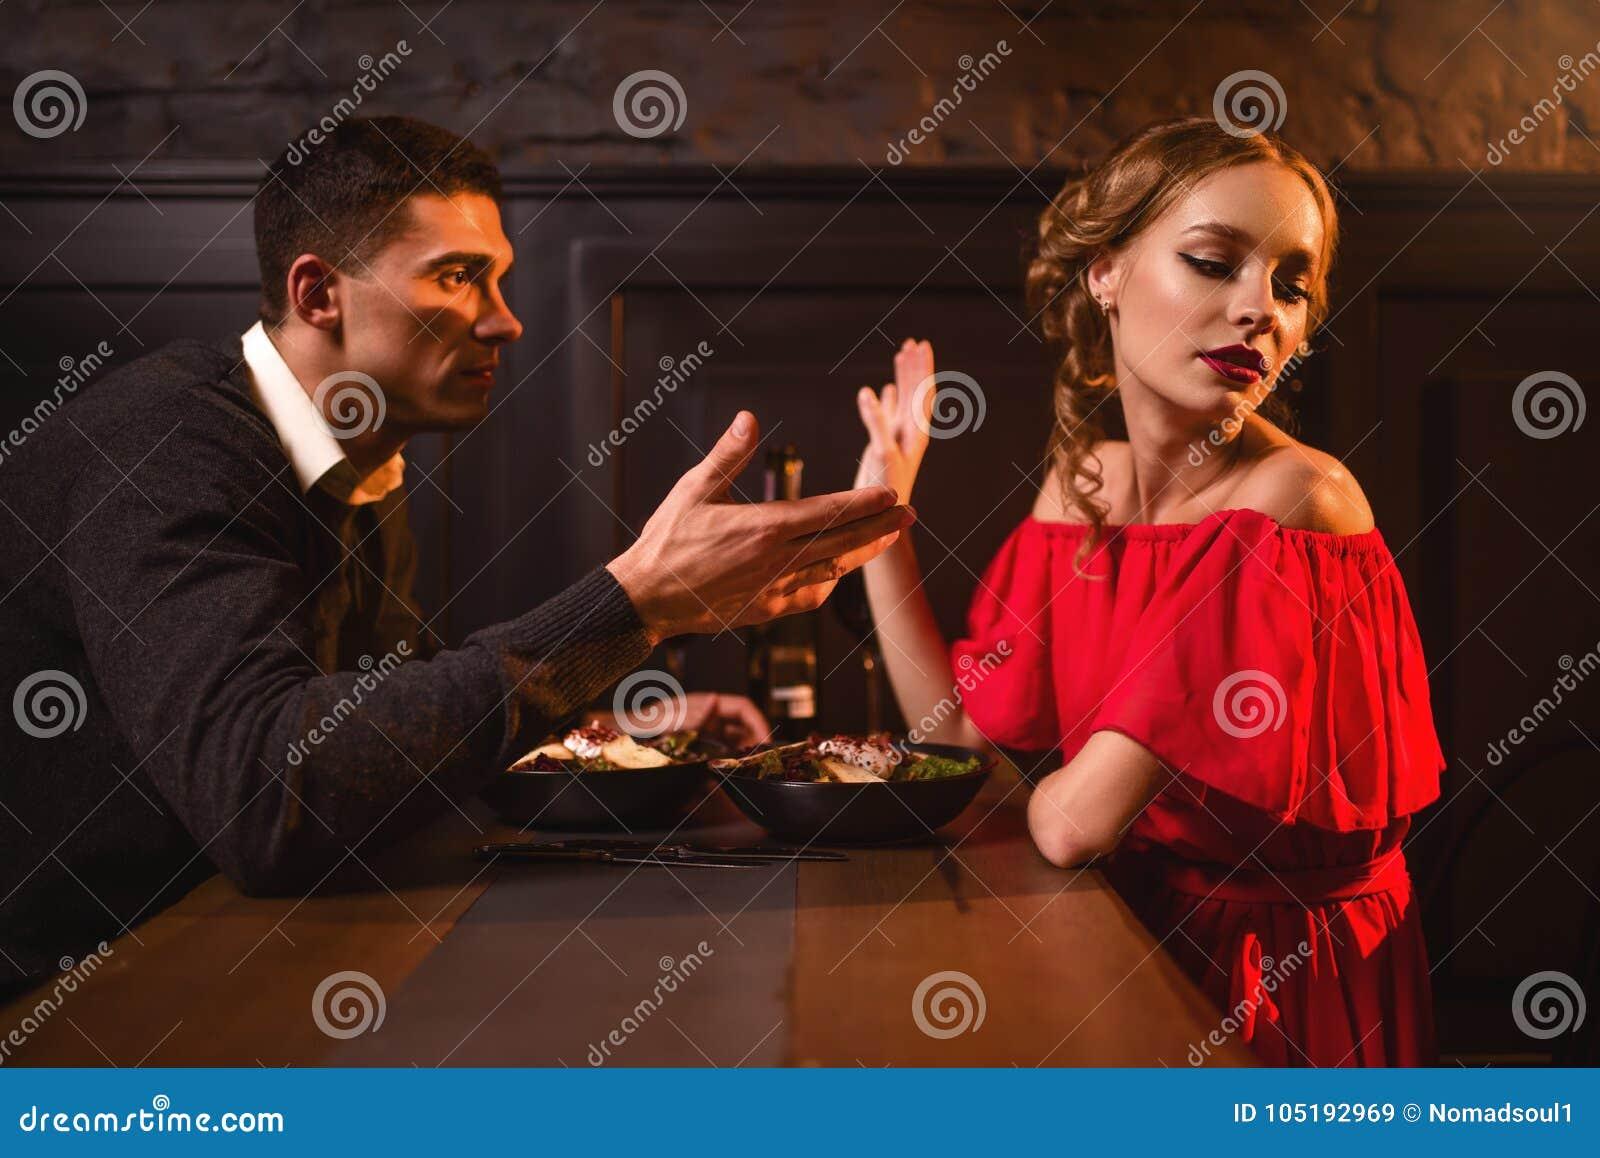 Φιλονικία του ζεύγους στο εστιατόριο, κακή σχέση